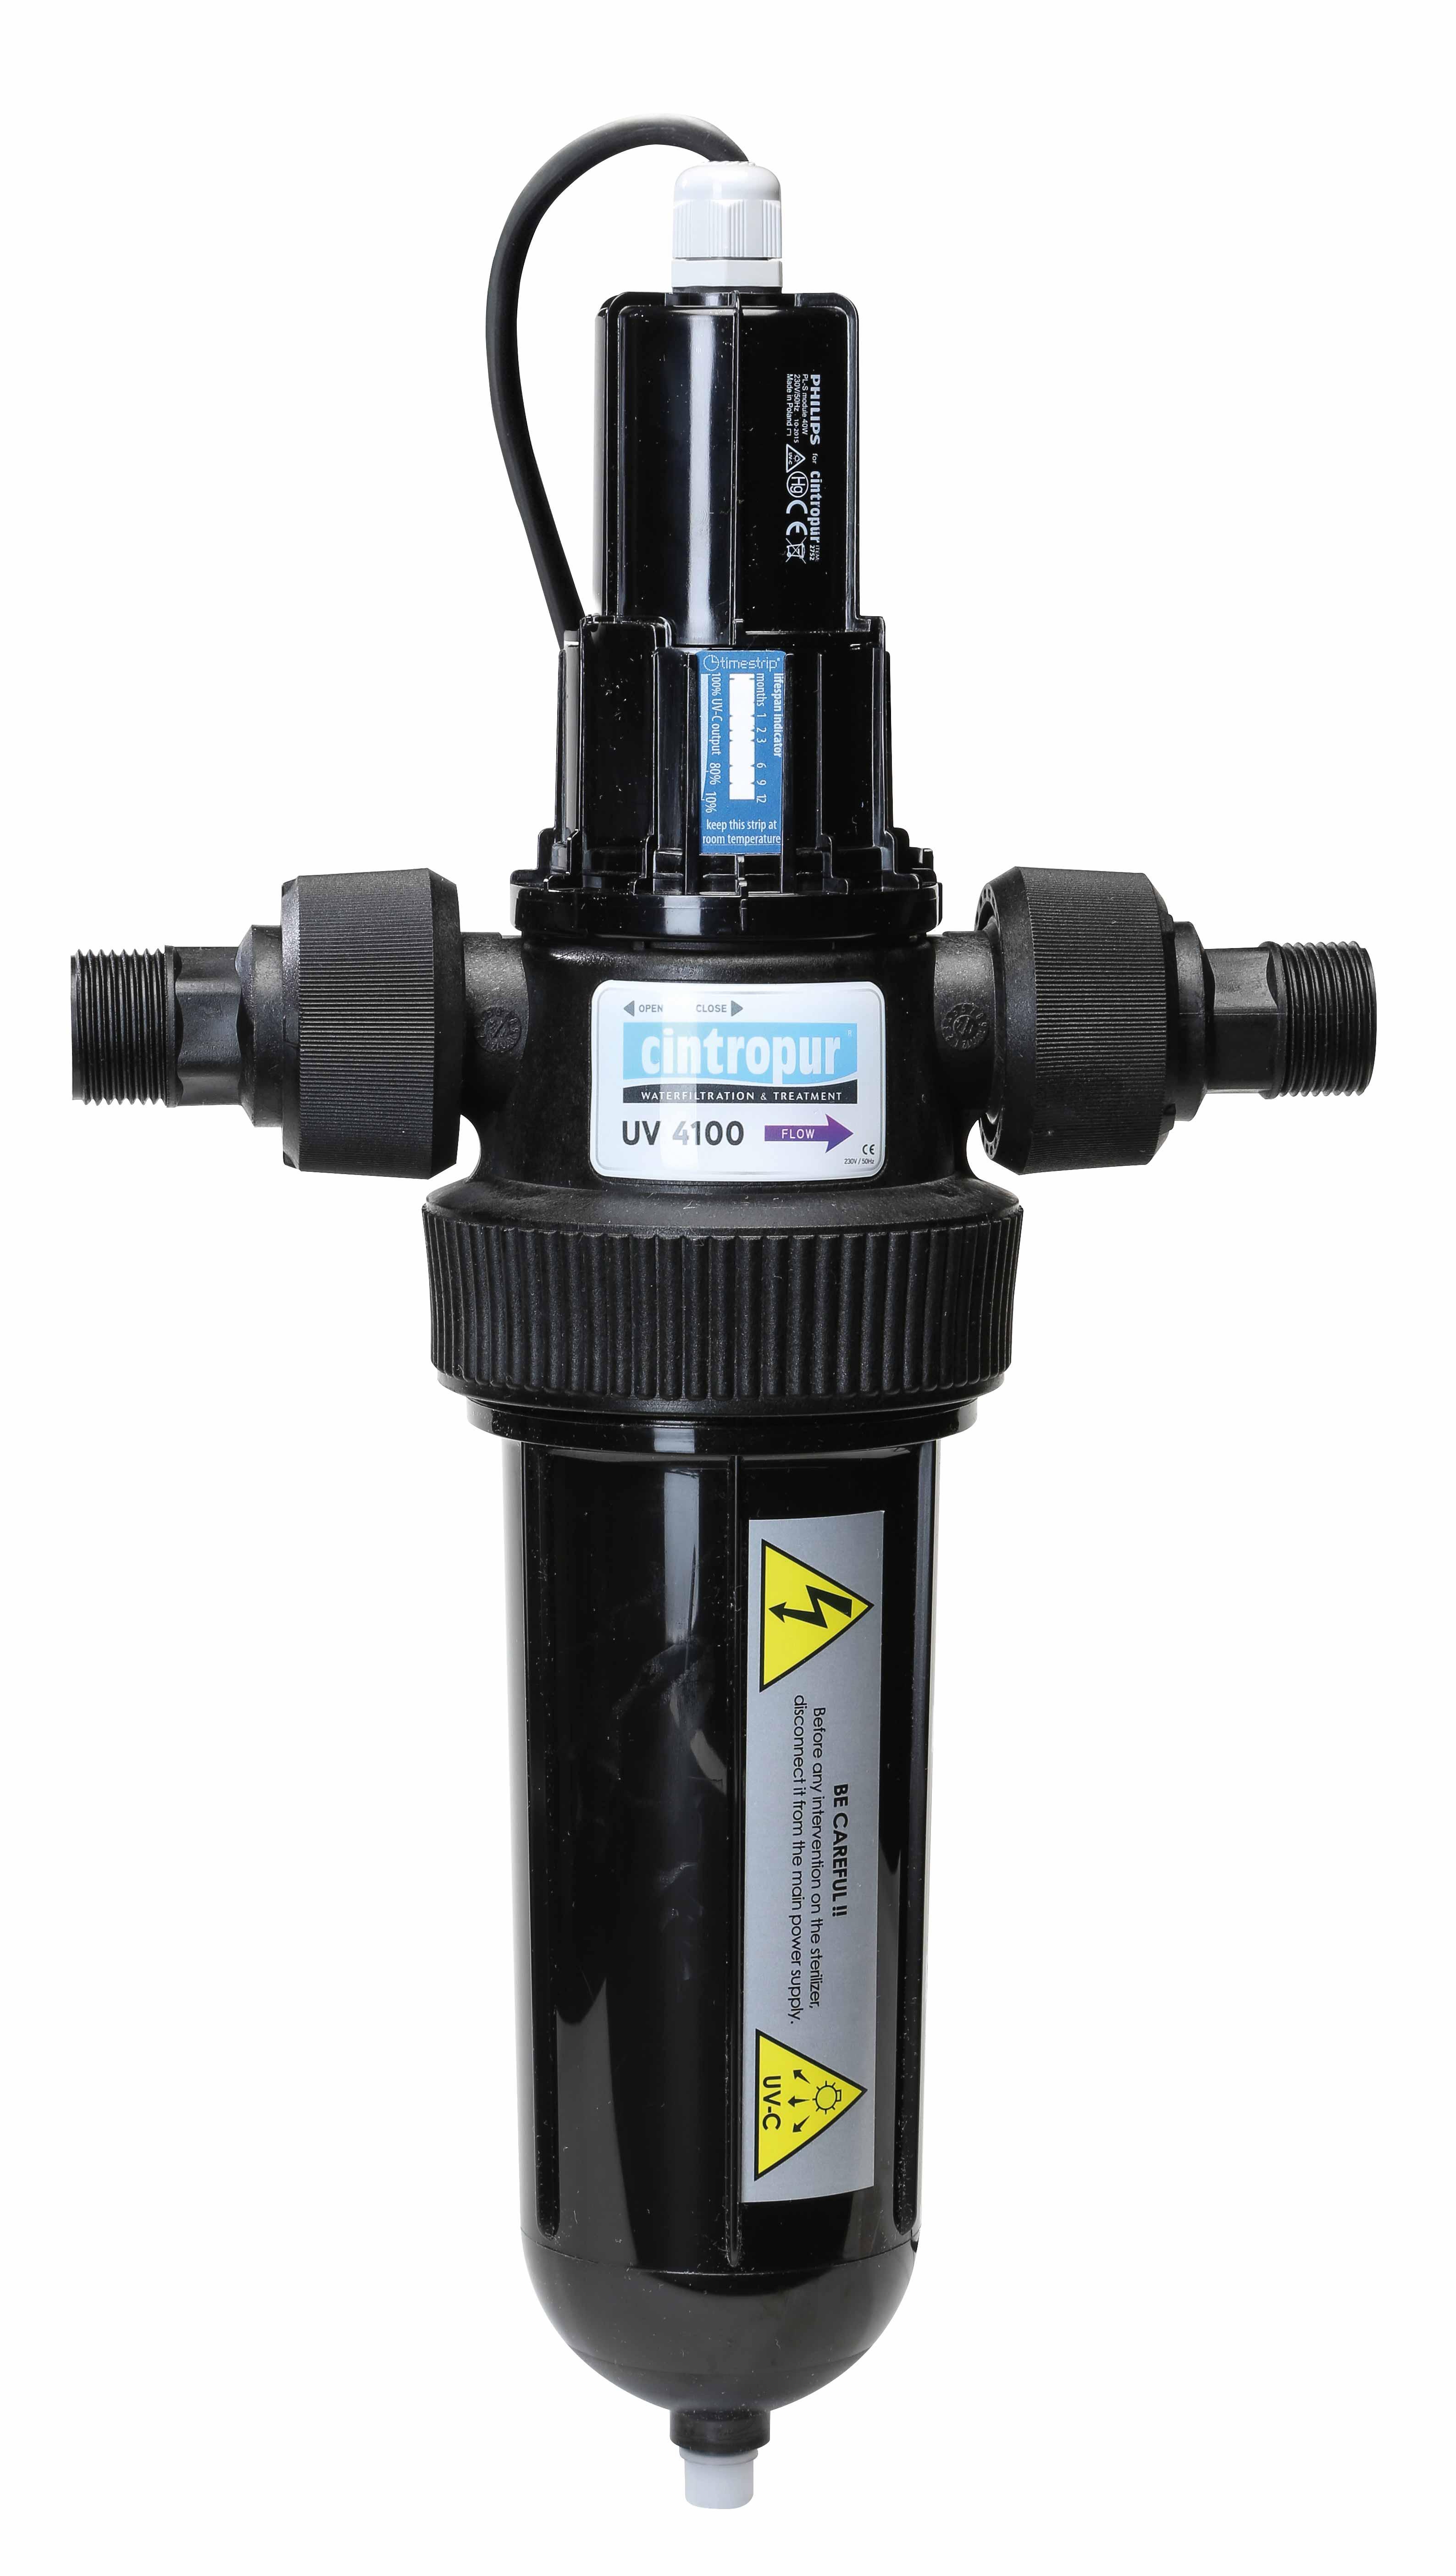 Wasserladenonline com | Cintropur 4100 UV-sterilization 3/4